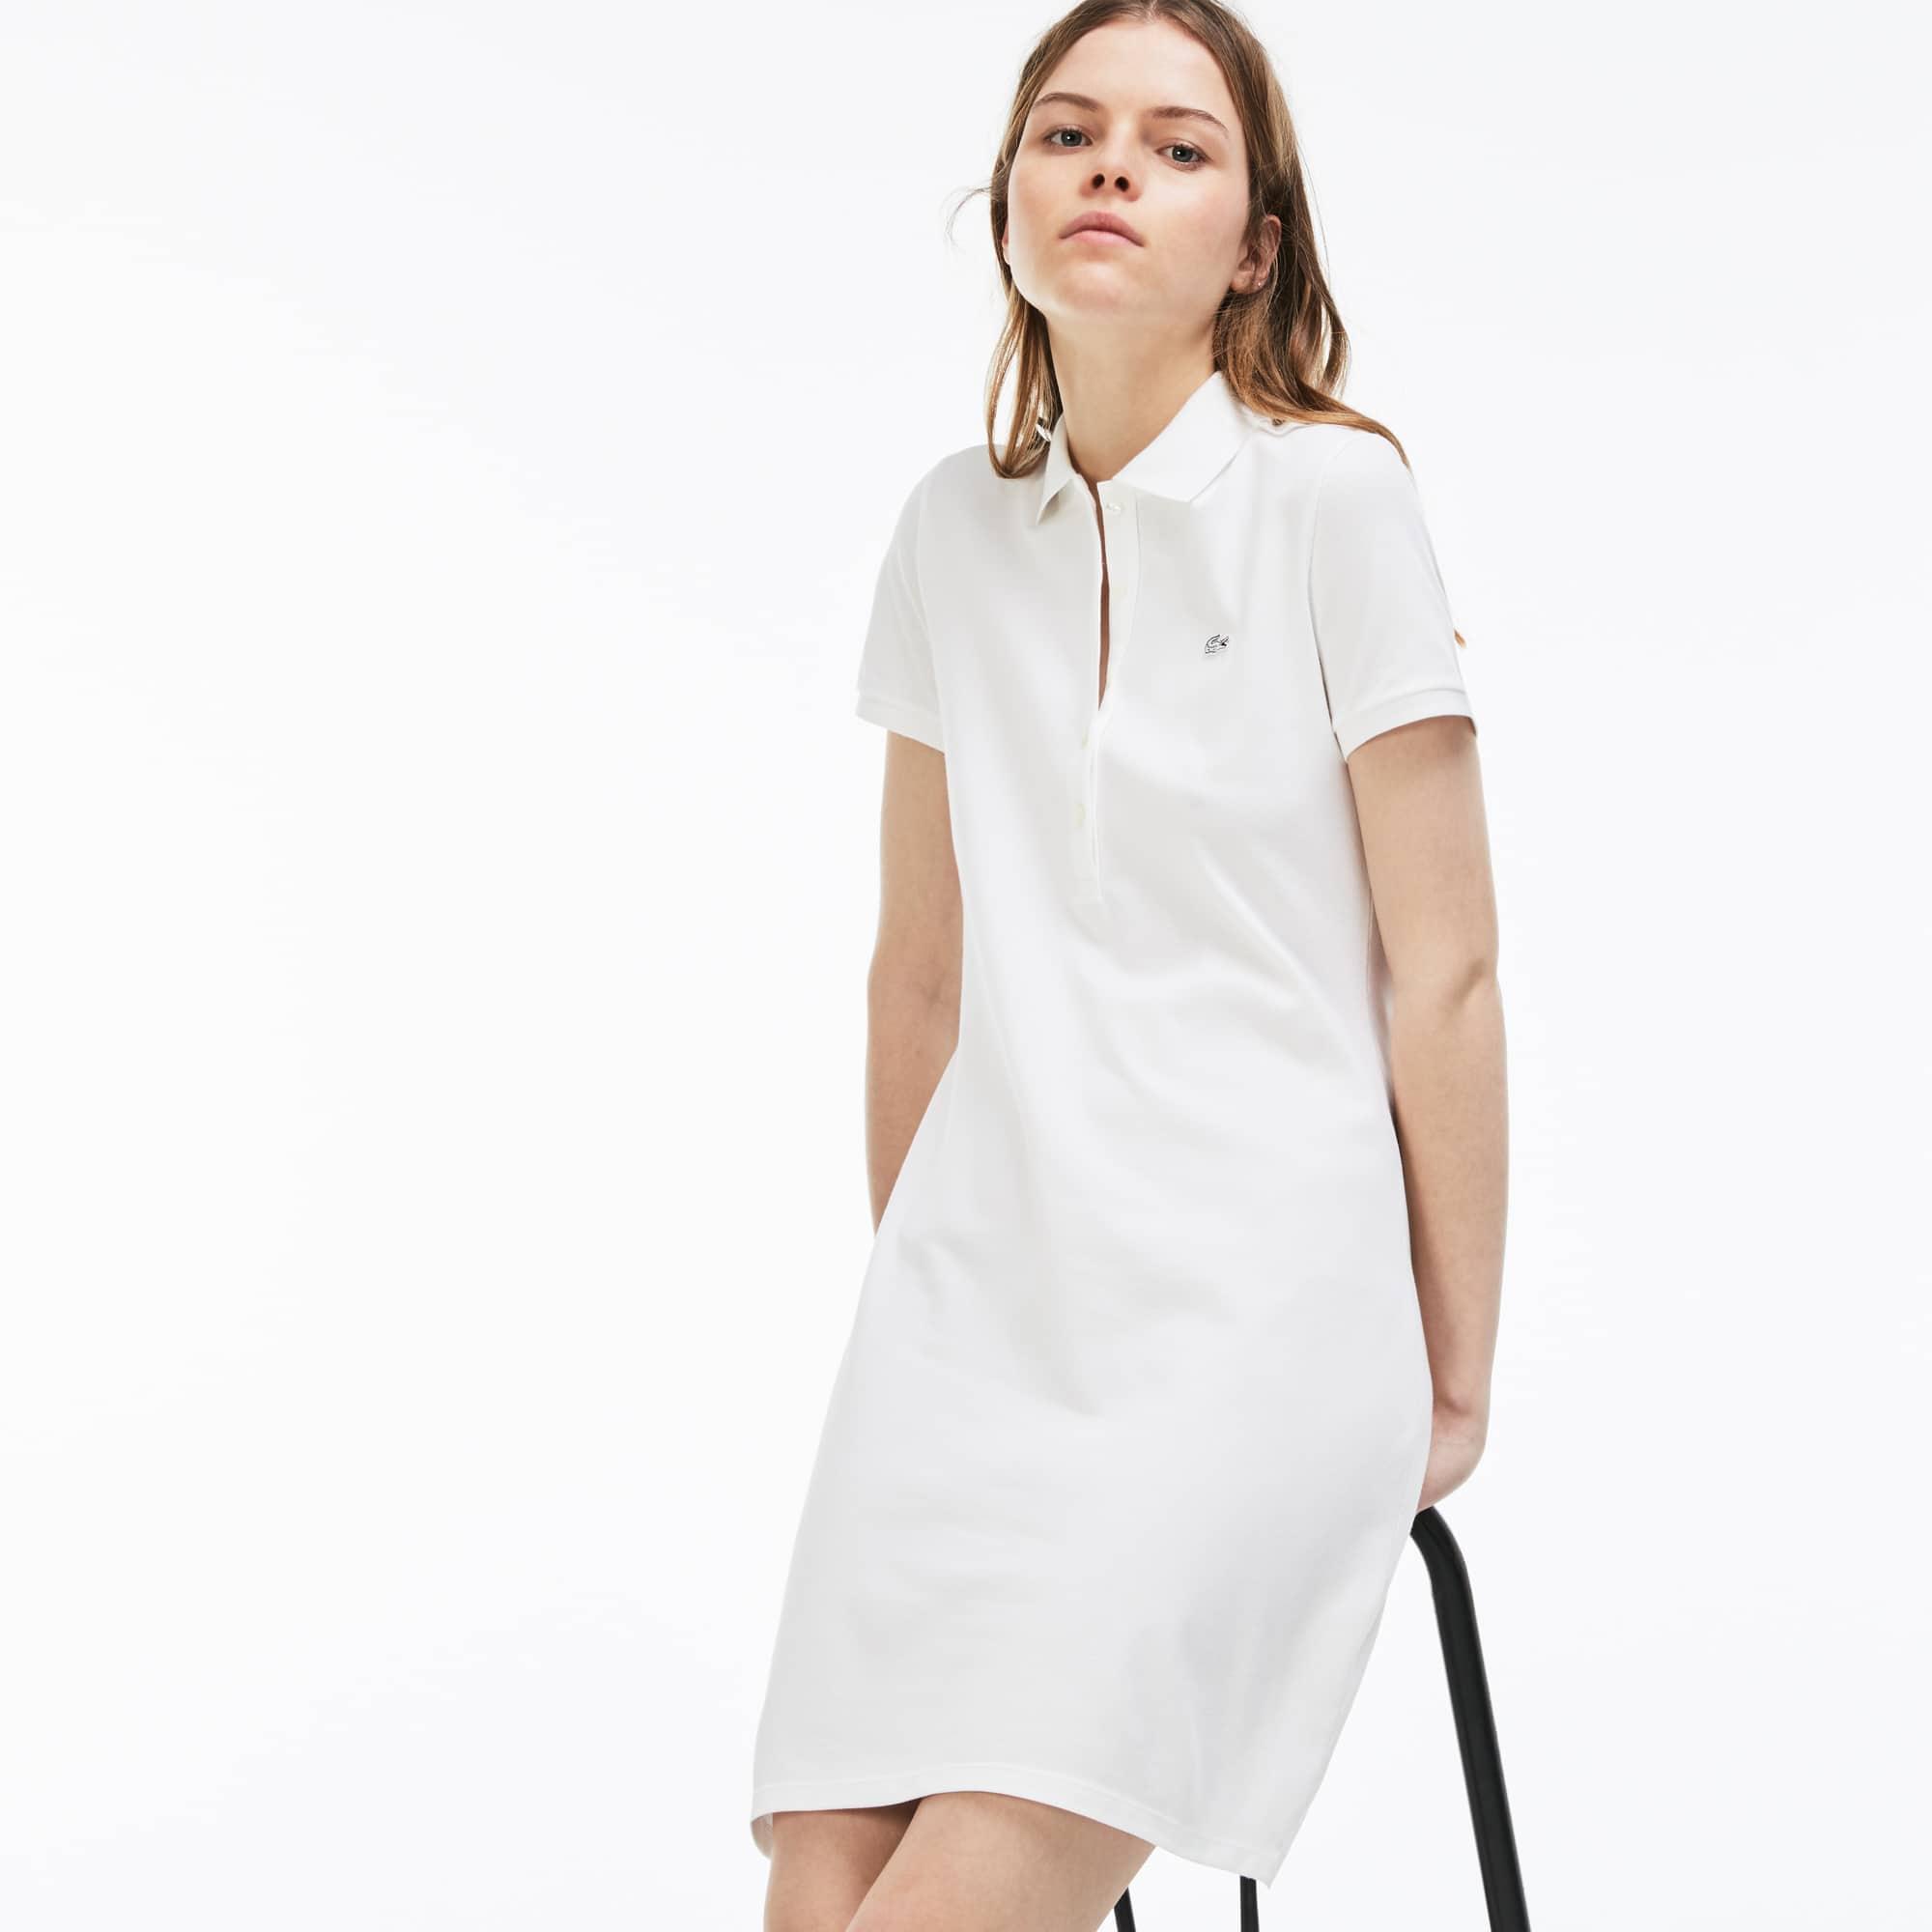 라코스테 피케 폴로 원피스 Lacoste Womens Stretch Cotton Mini Pique Polo Dress,white EF8470-51